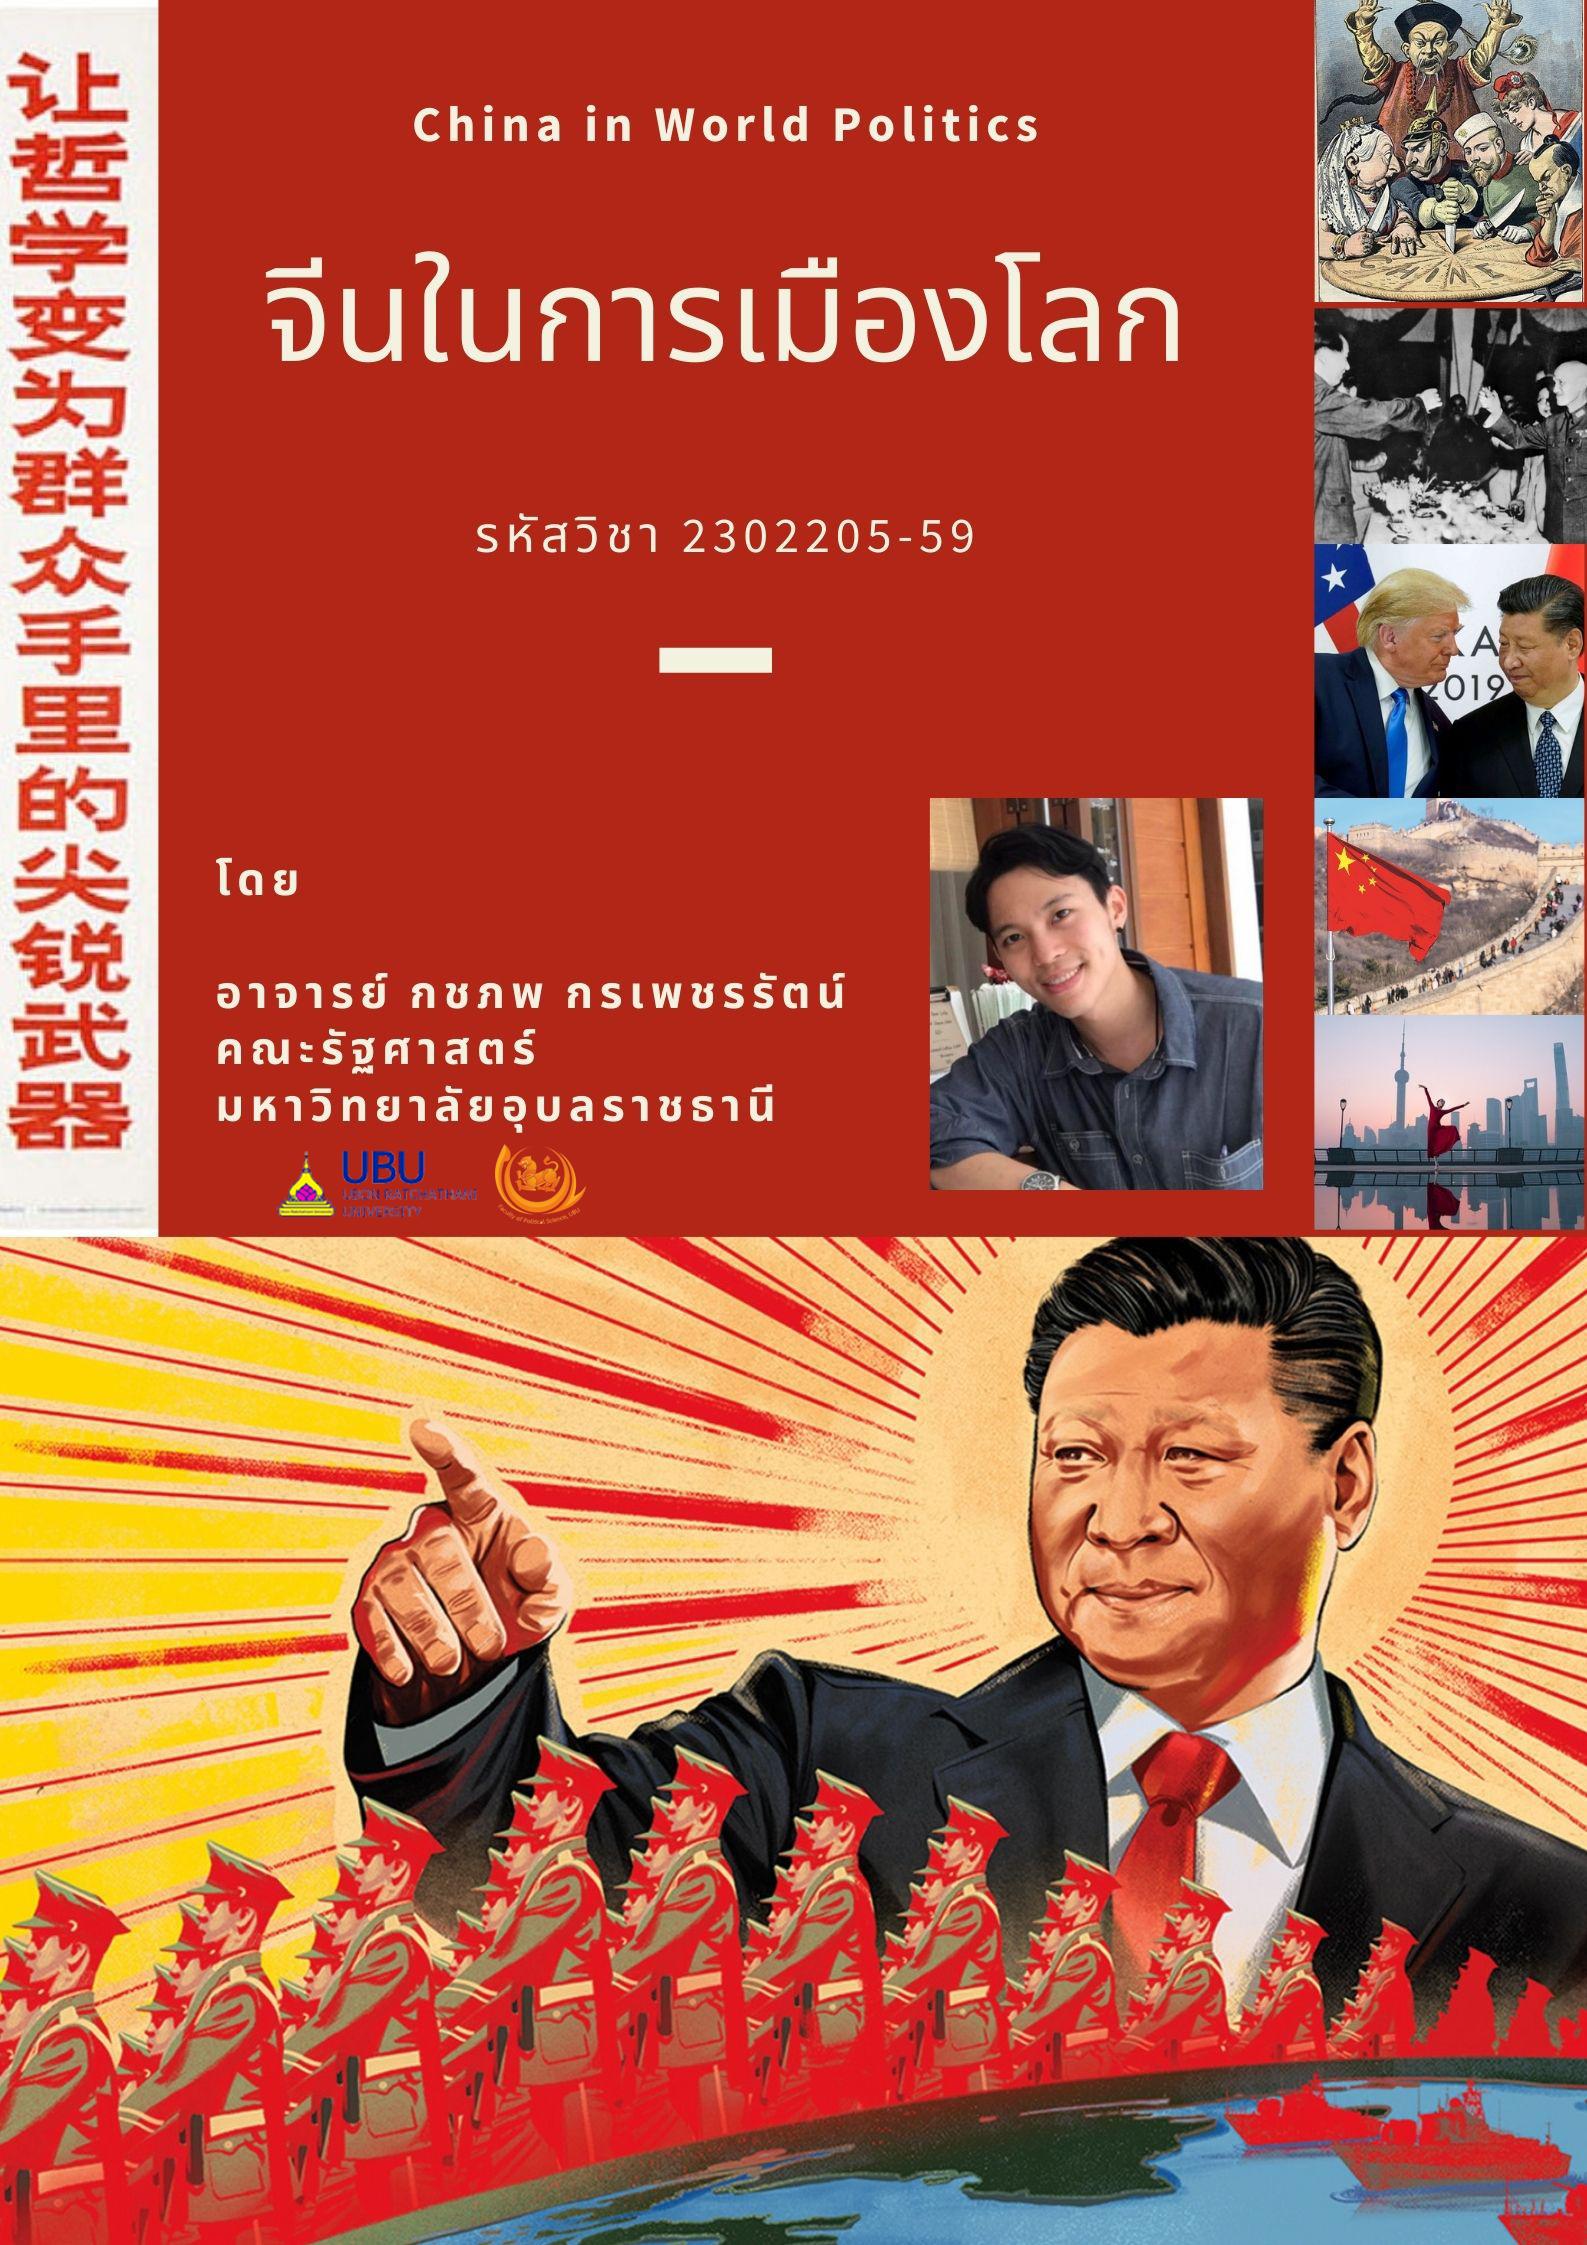 2302205-59 จีนในการเมืองโลก(กลุ่มที่1)